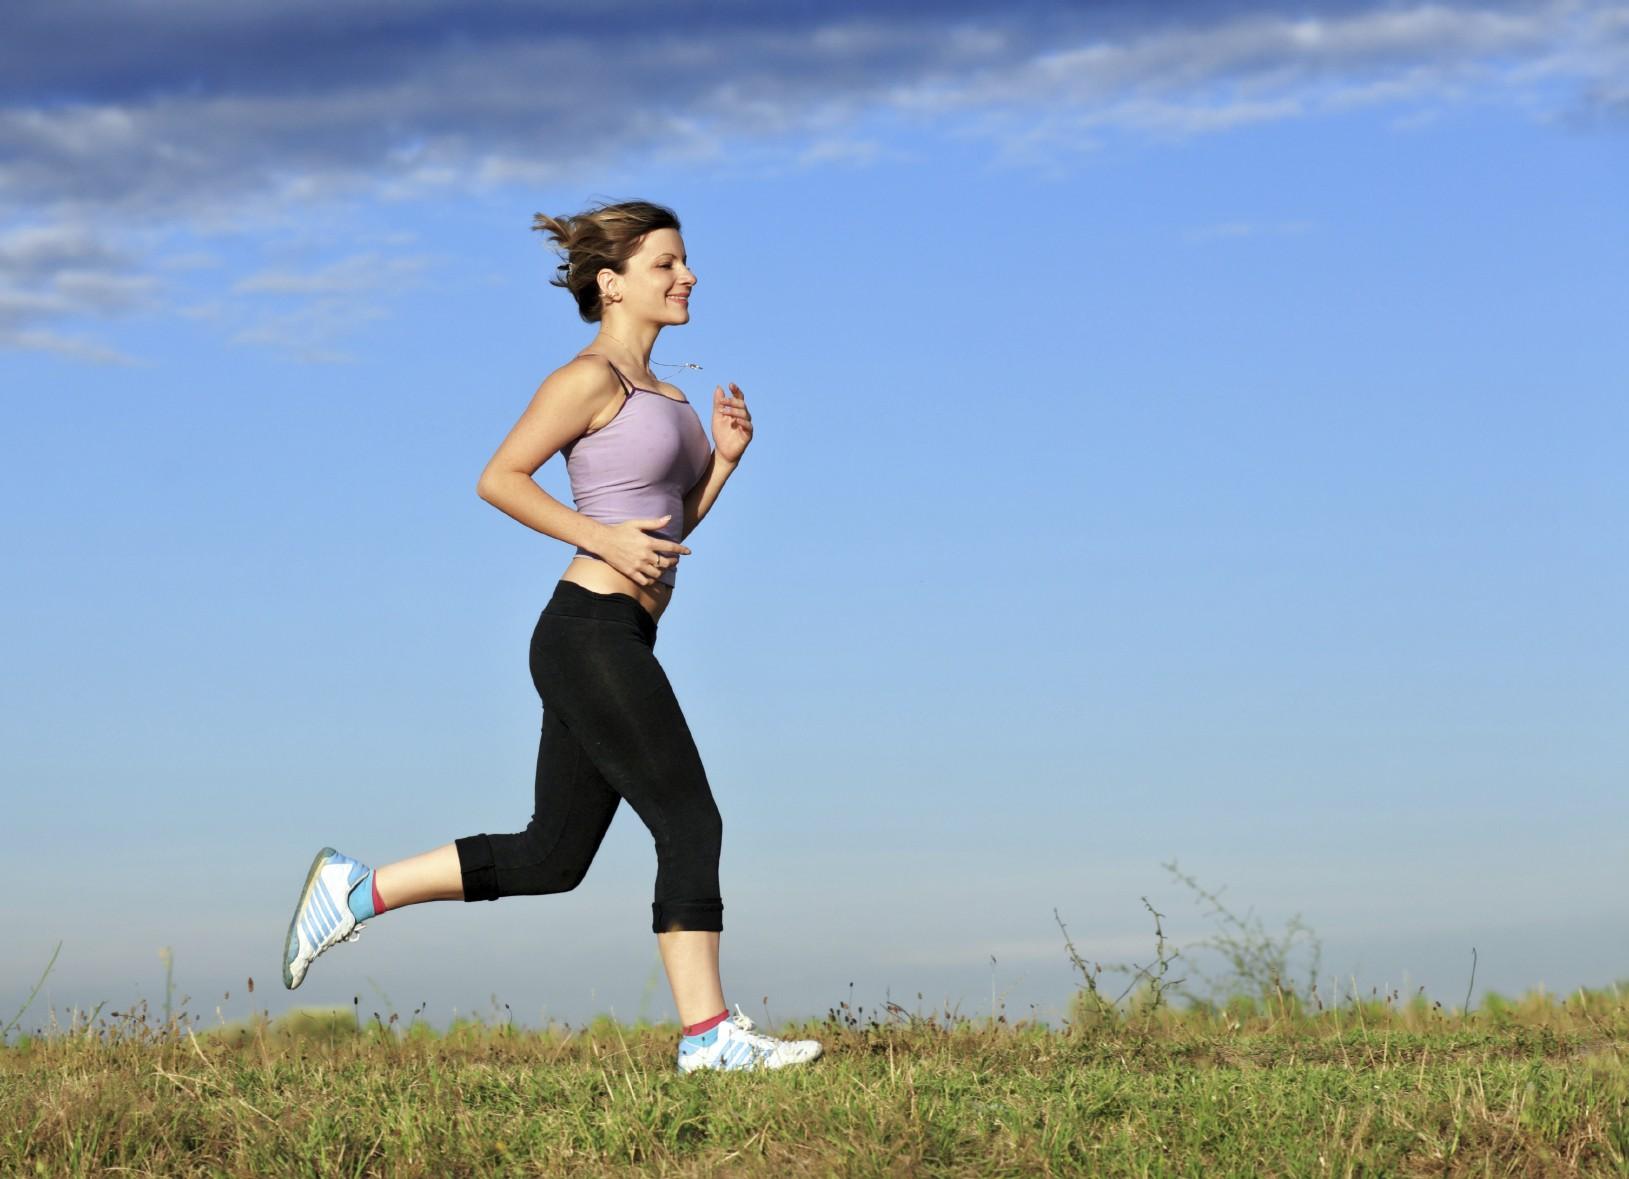 menü magas vérnyomás és cukorbetegség esetén Vese magas vérnyomás fórum